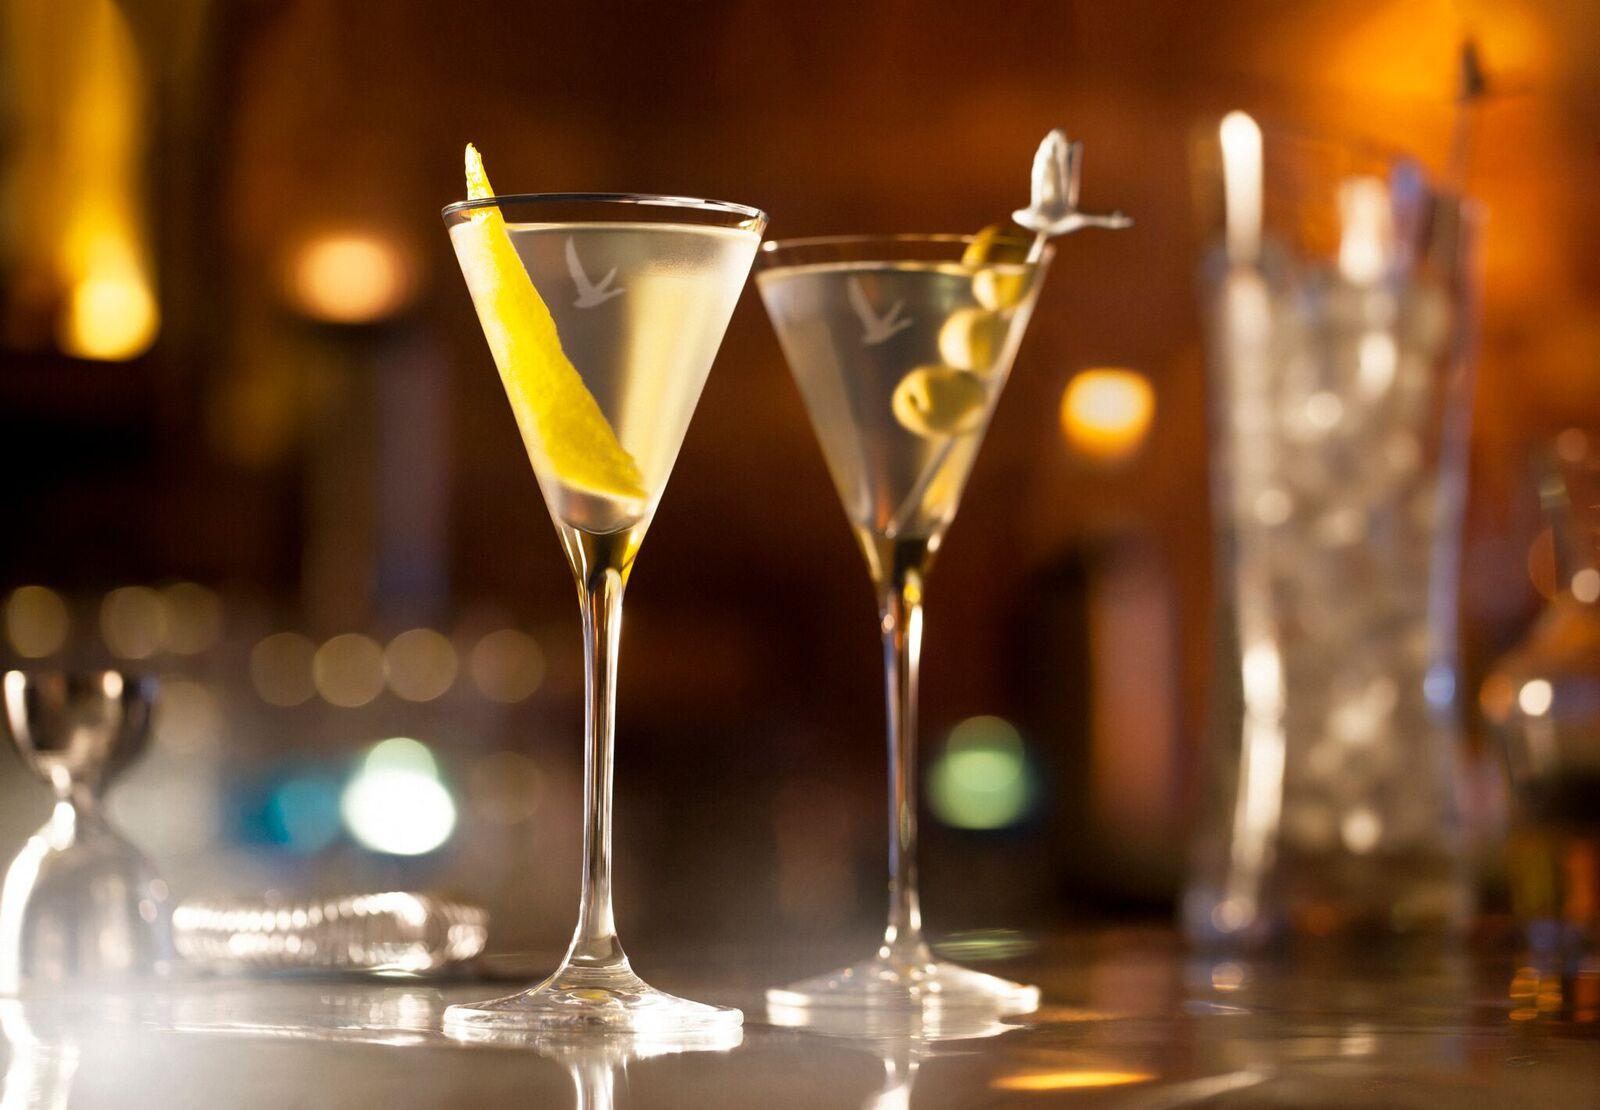 Martini_In_Bar_1_preview.jpg